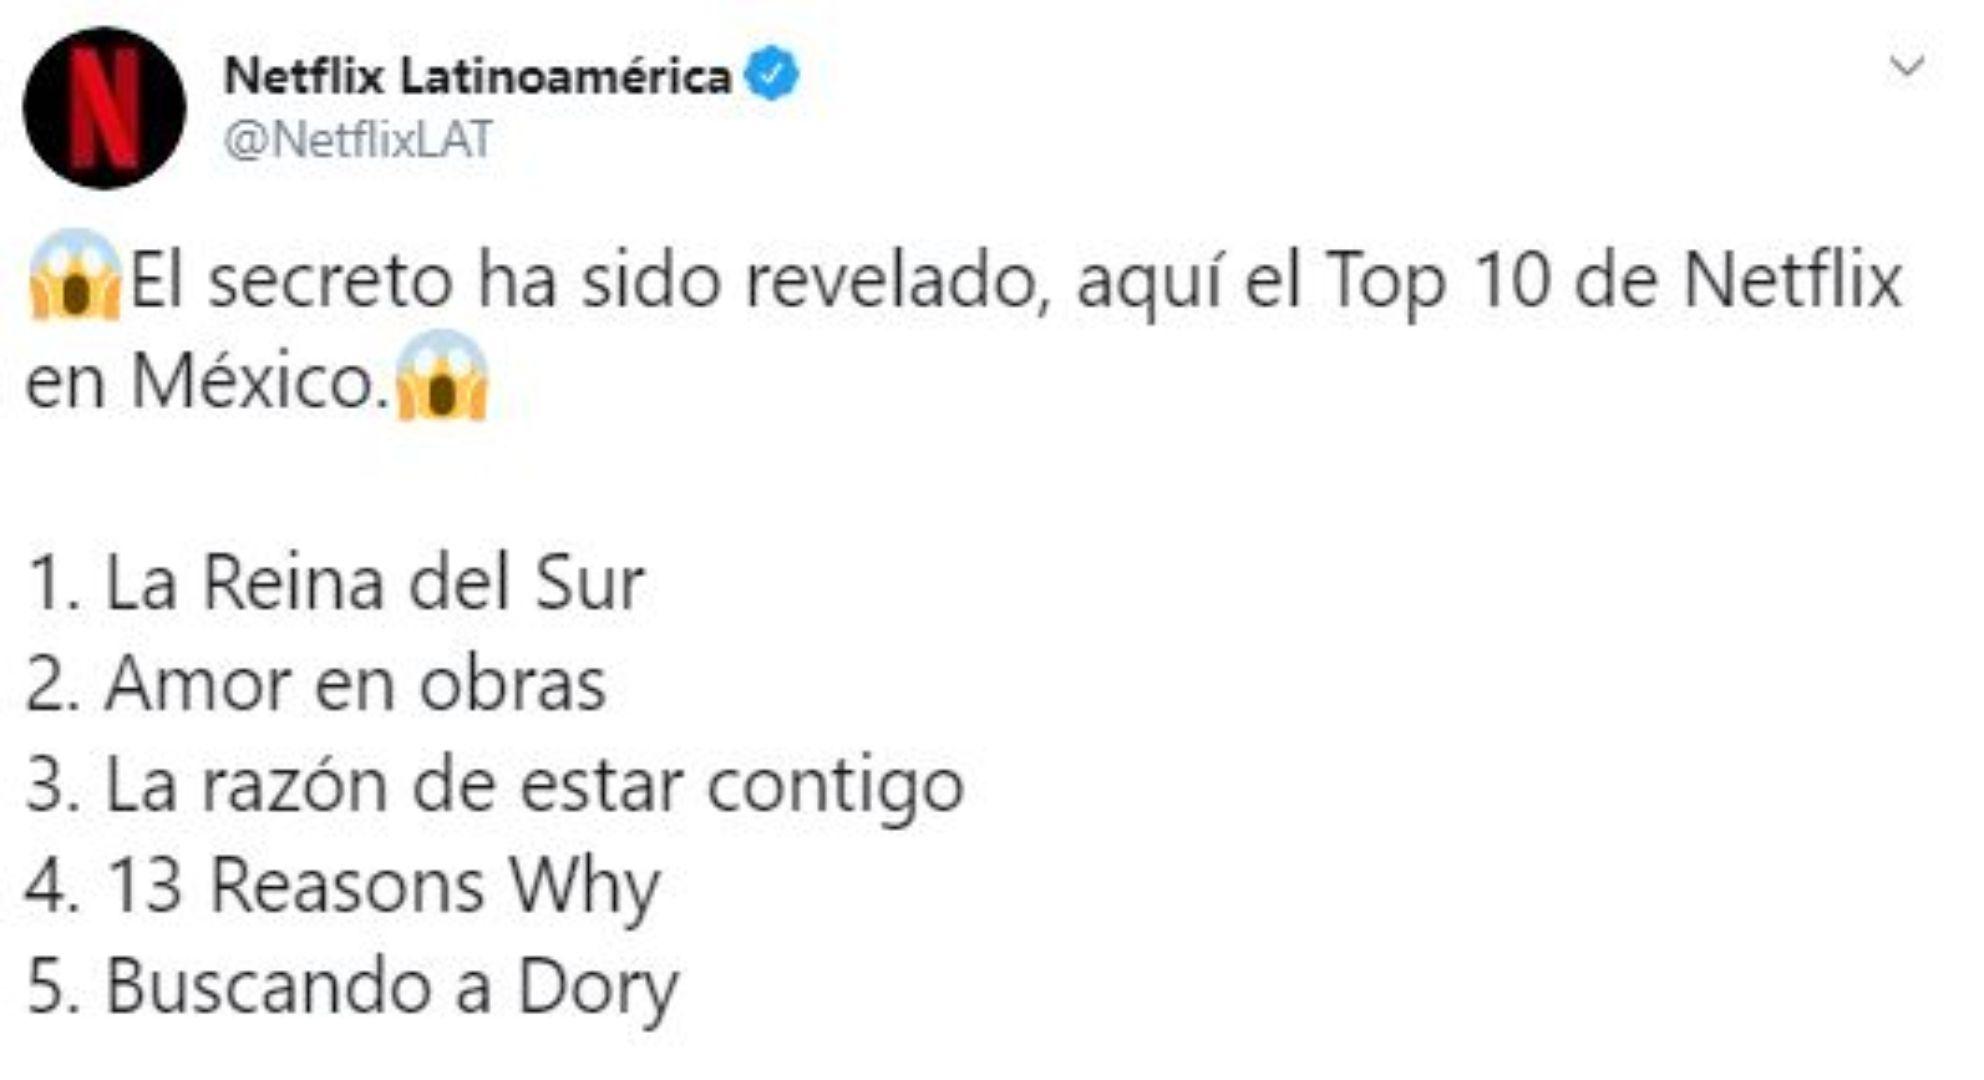 La Reina del Sur es la serie más vista en México según revela la nueva función (Foto: Especial Twitter)